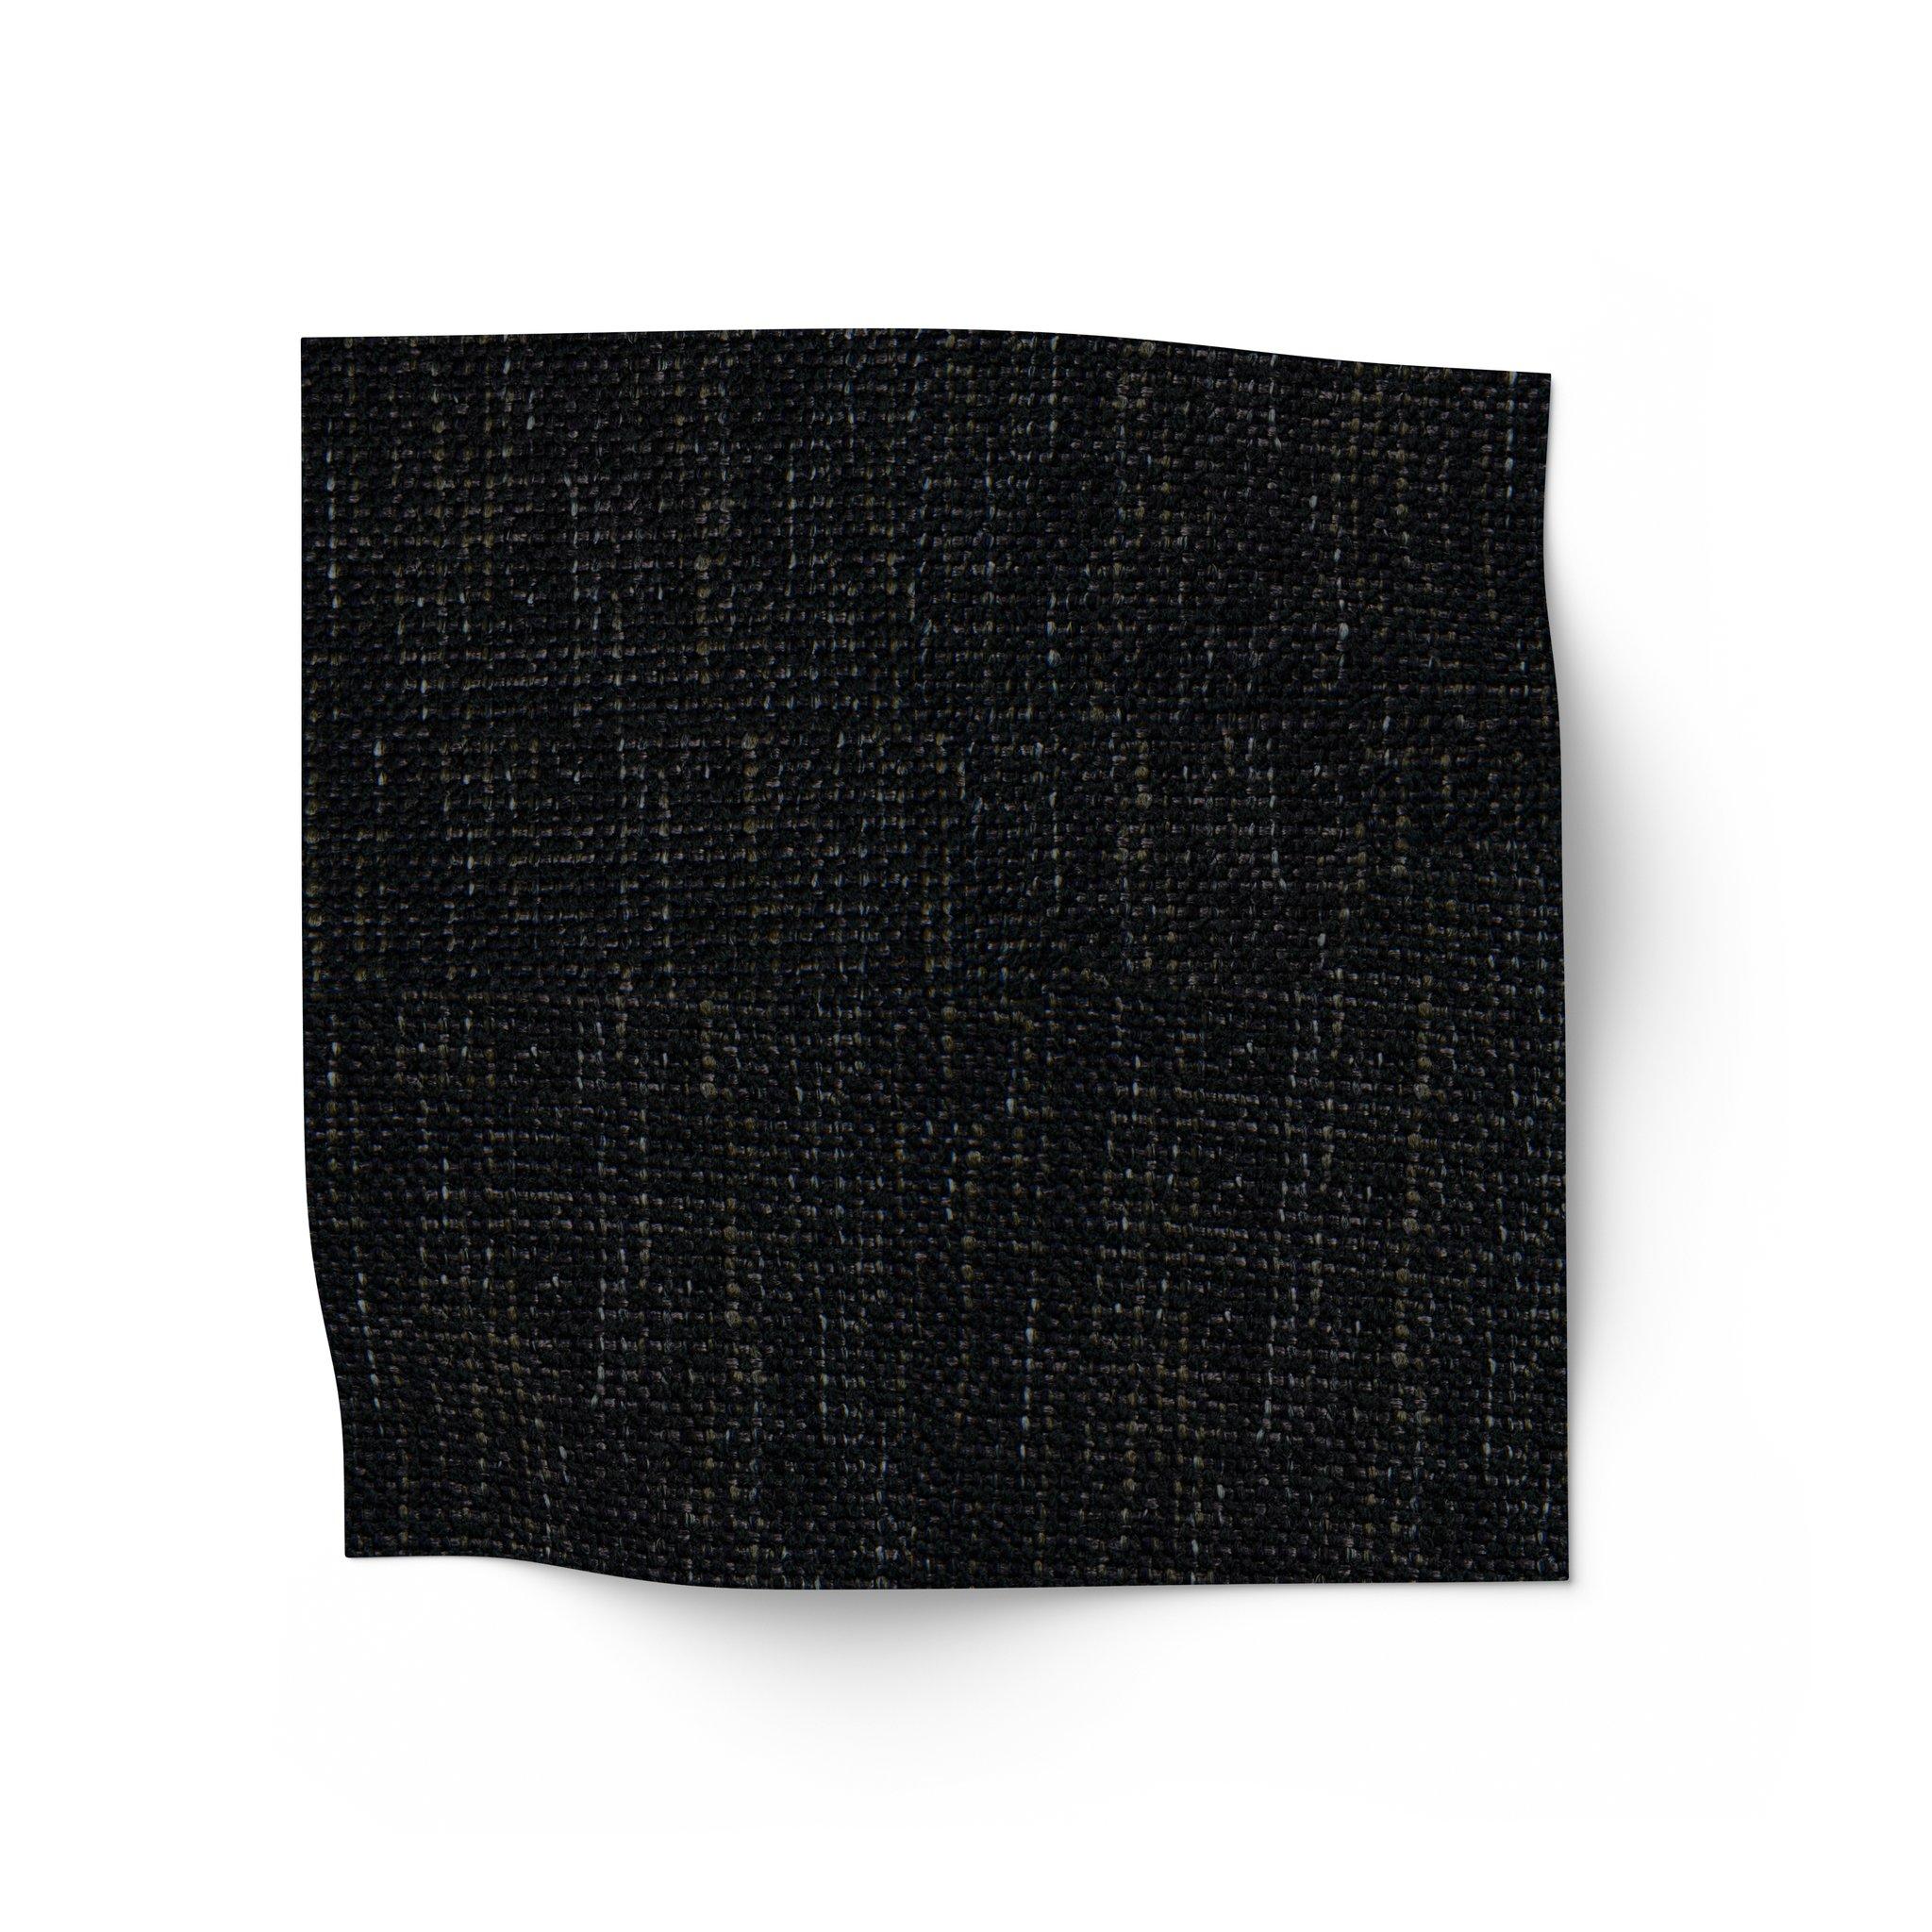 Corbin Charcoal Fabric